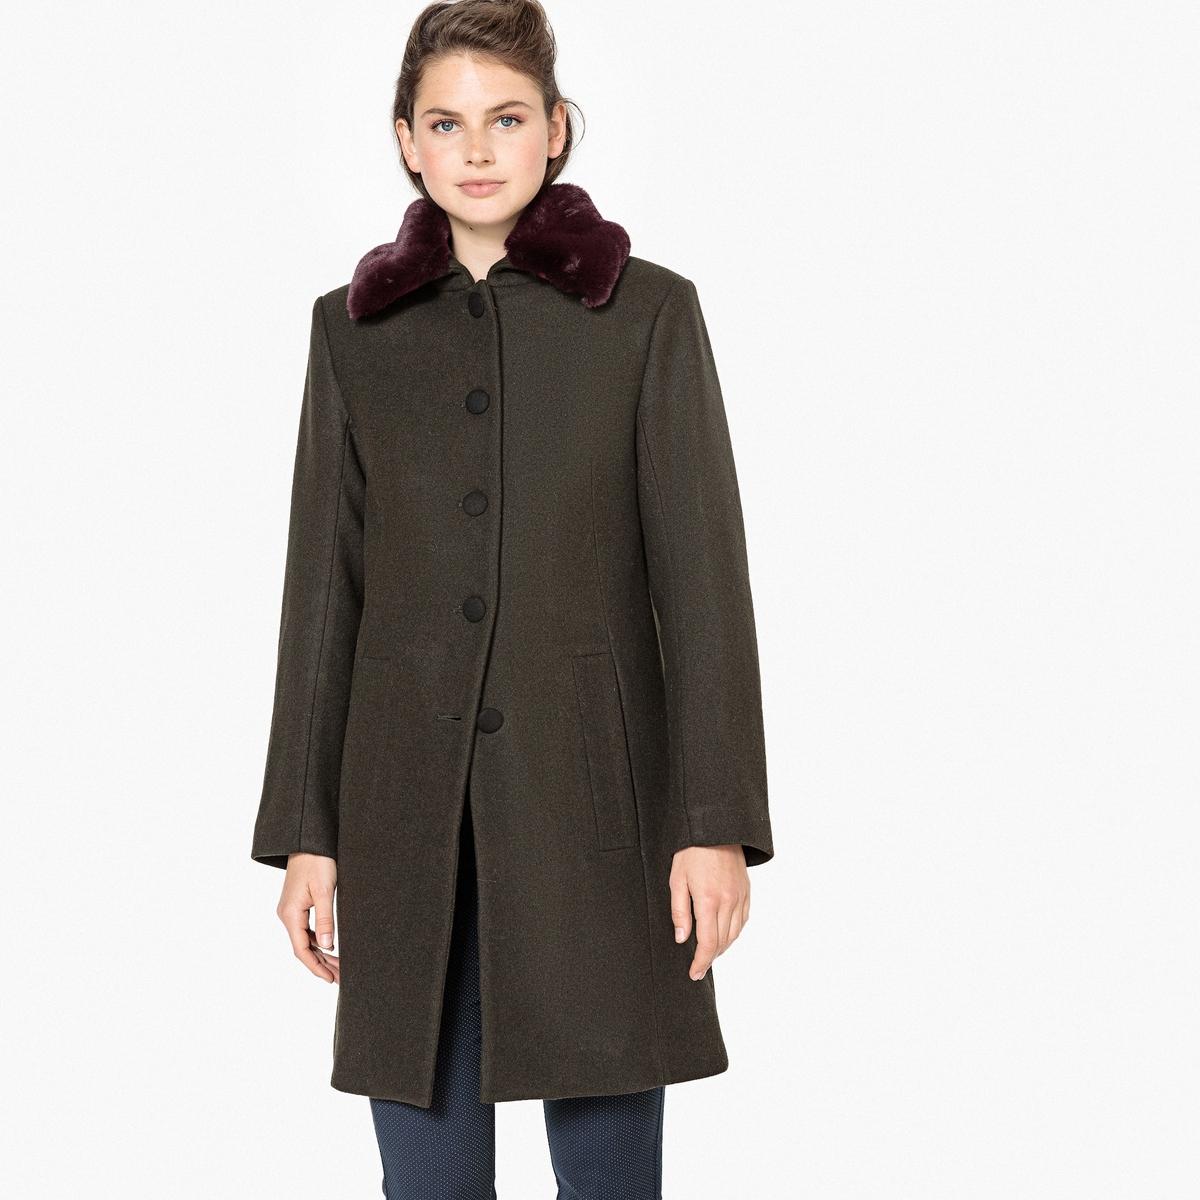 цены Пальто La Redoute Из полушерстяной ткани с воротником из искусственного меха 38 (FR) - 44 (RUS) зеленый